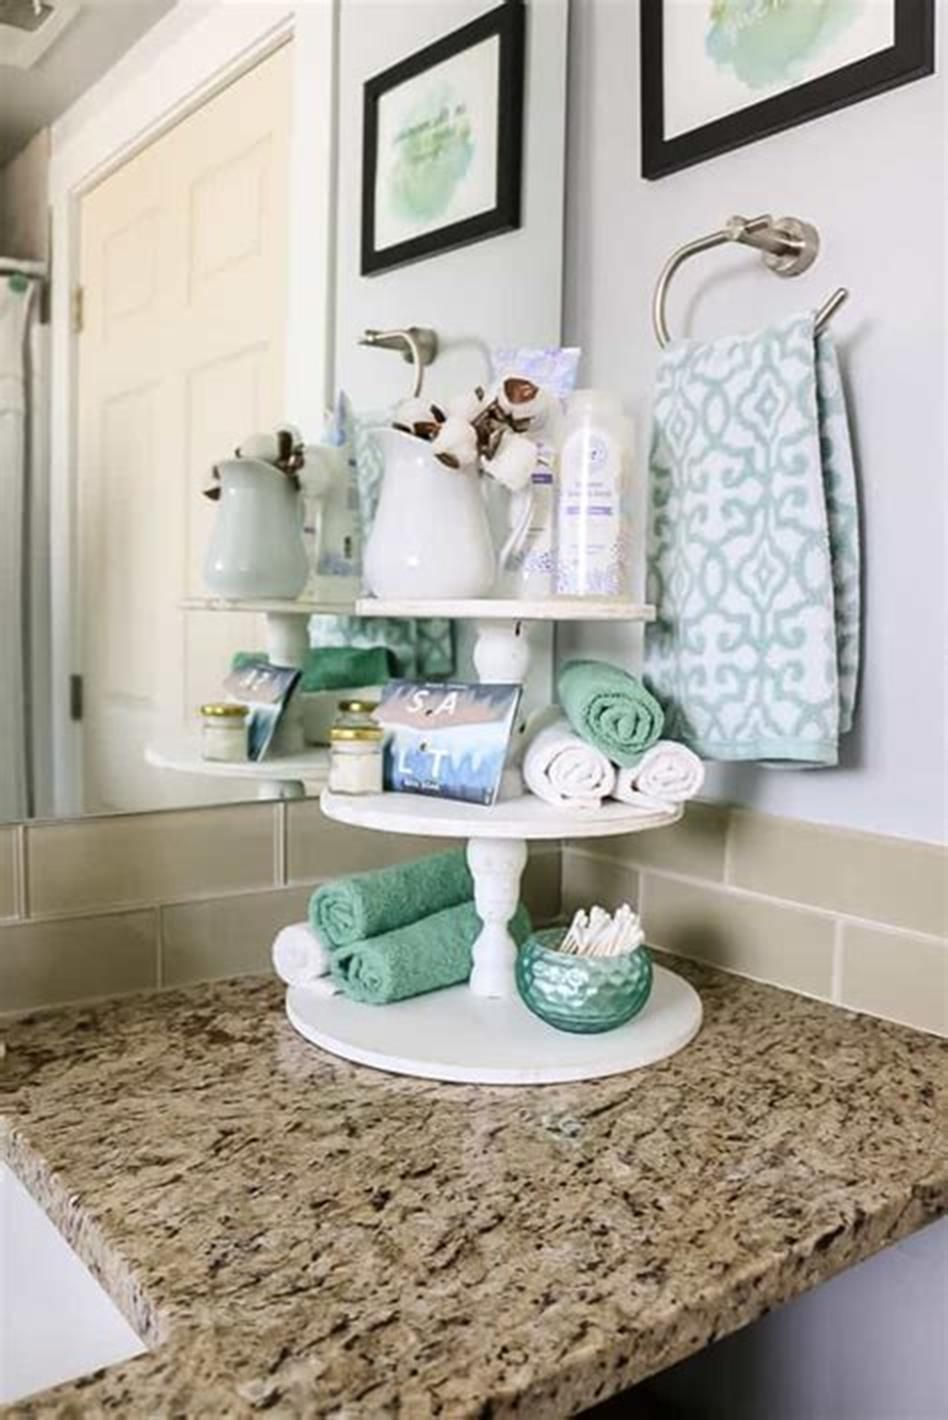 Small Bathroom Counter Decor Ideas Decoomo